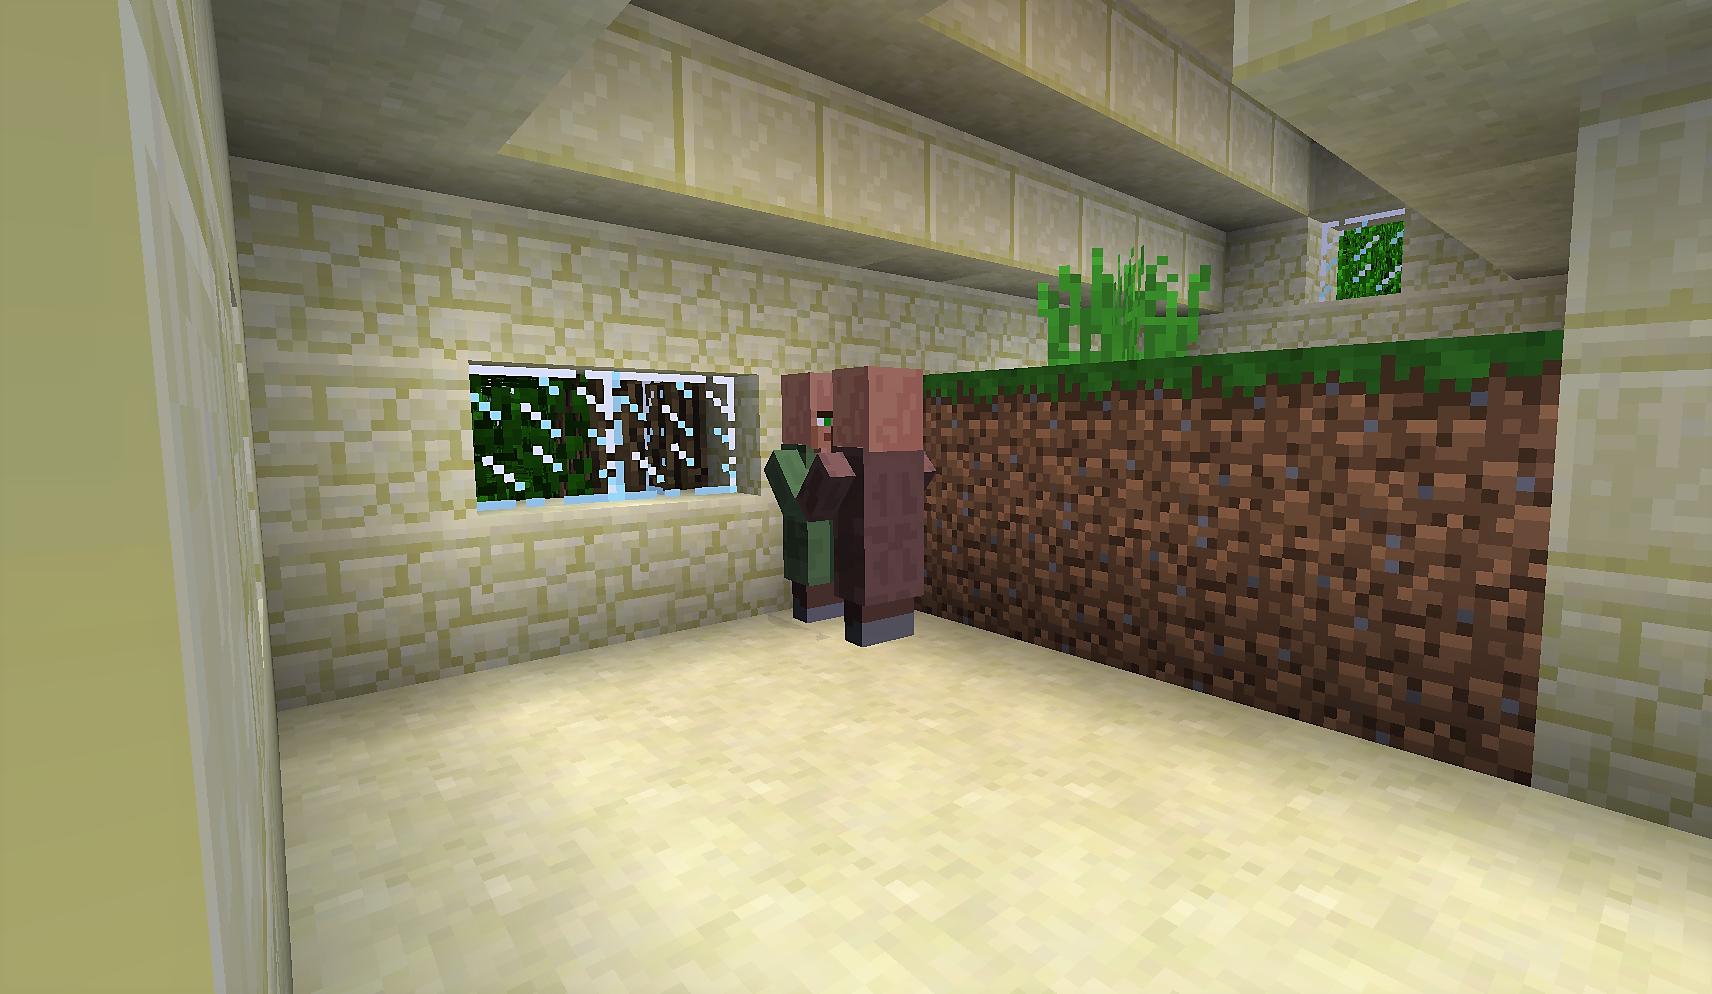 ドアの位置がおかしい家2 緑のお方 ここも人いた~.png